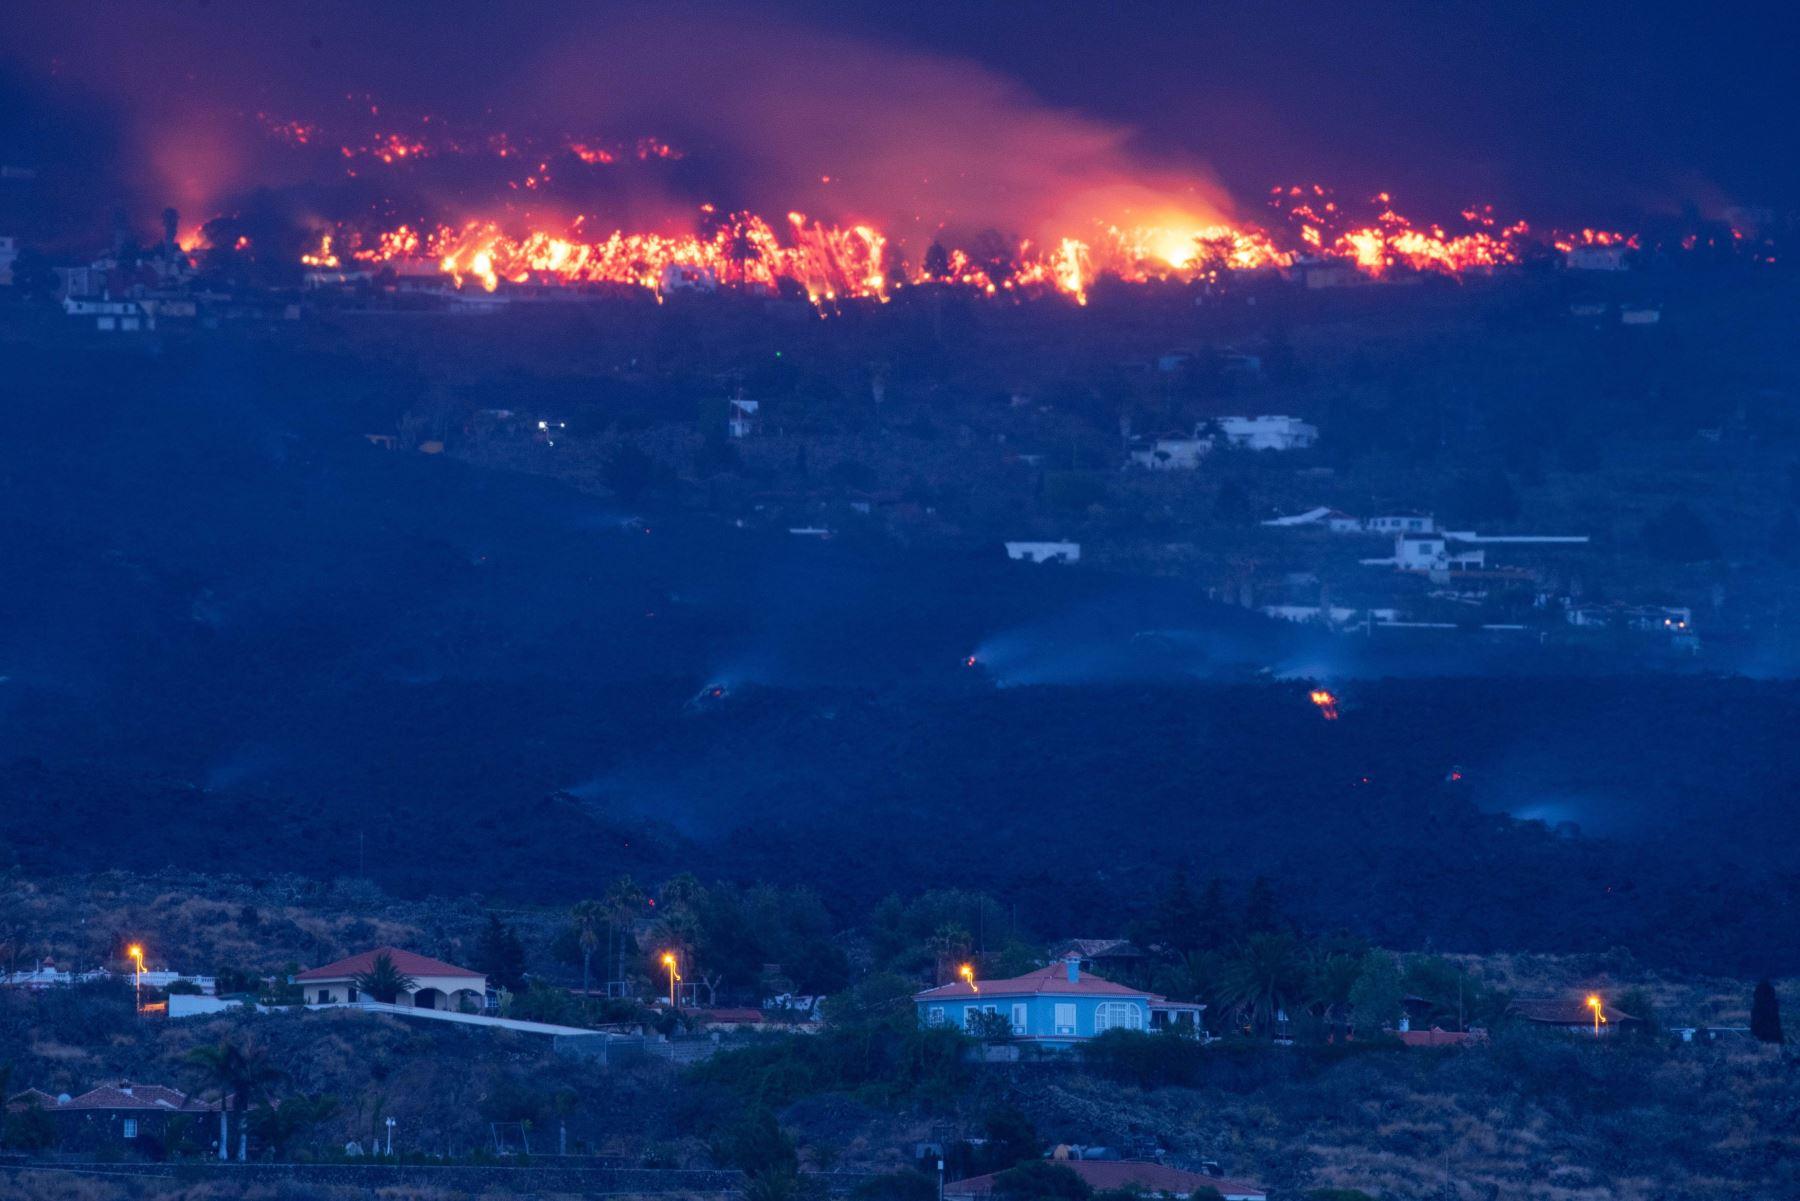 La erupción que comenzó el domingo en La Palma comienza su quinto día de actividad. En la imagen tomada esta madrugada, viviendas amenazadas por la lava en la localidad de Todoque, en el municipio de Los Llanos de Aridane.  Foto: EFE